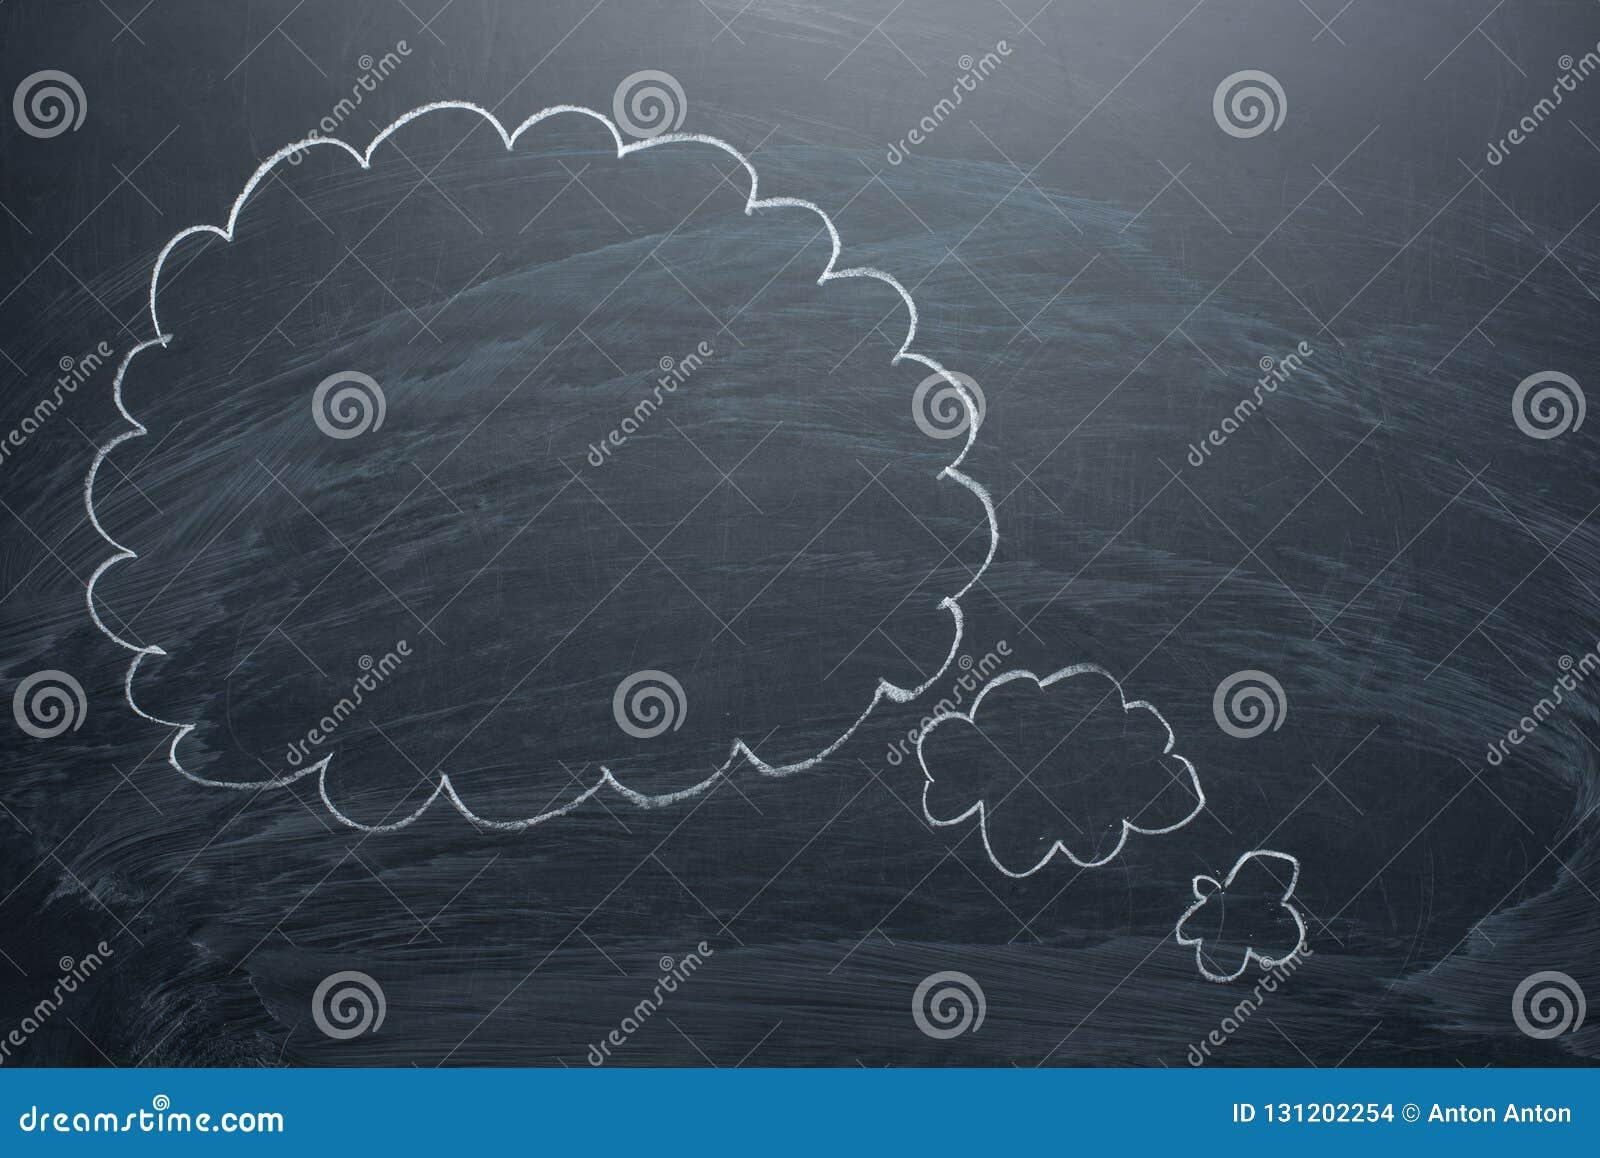 Пустые облака на классн классном, концепции доски для запутанности, воодушевленность и решения